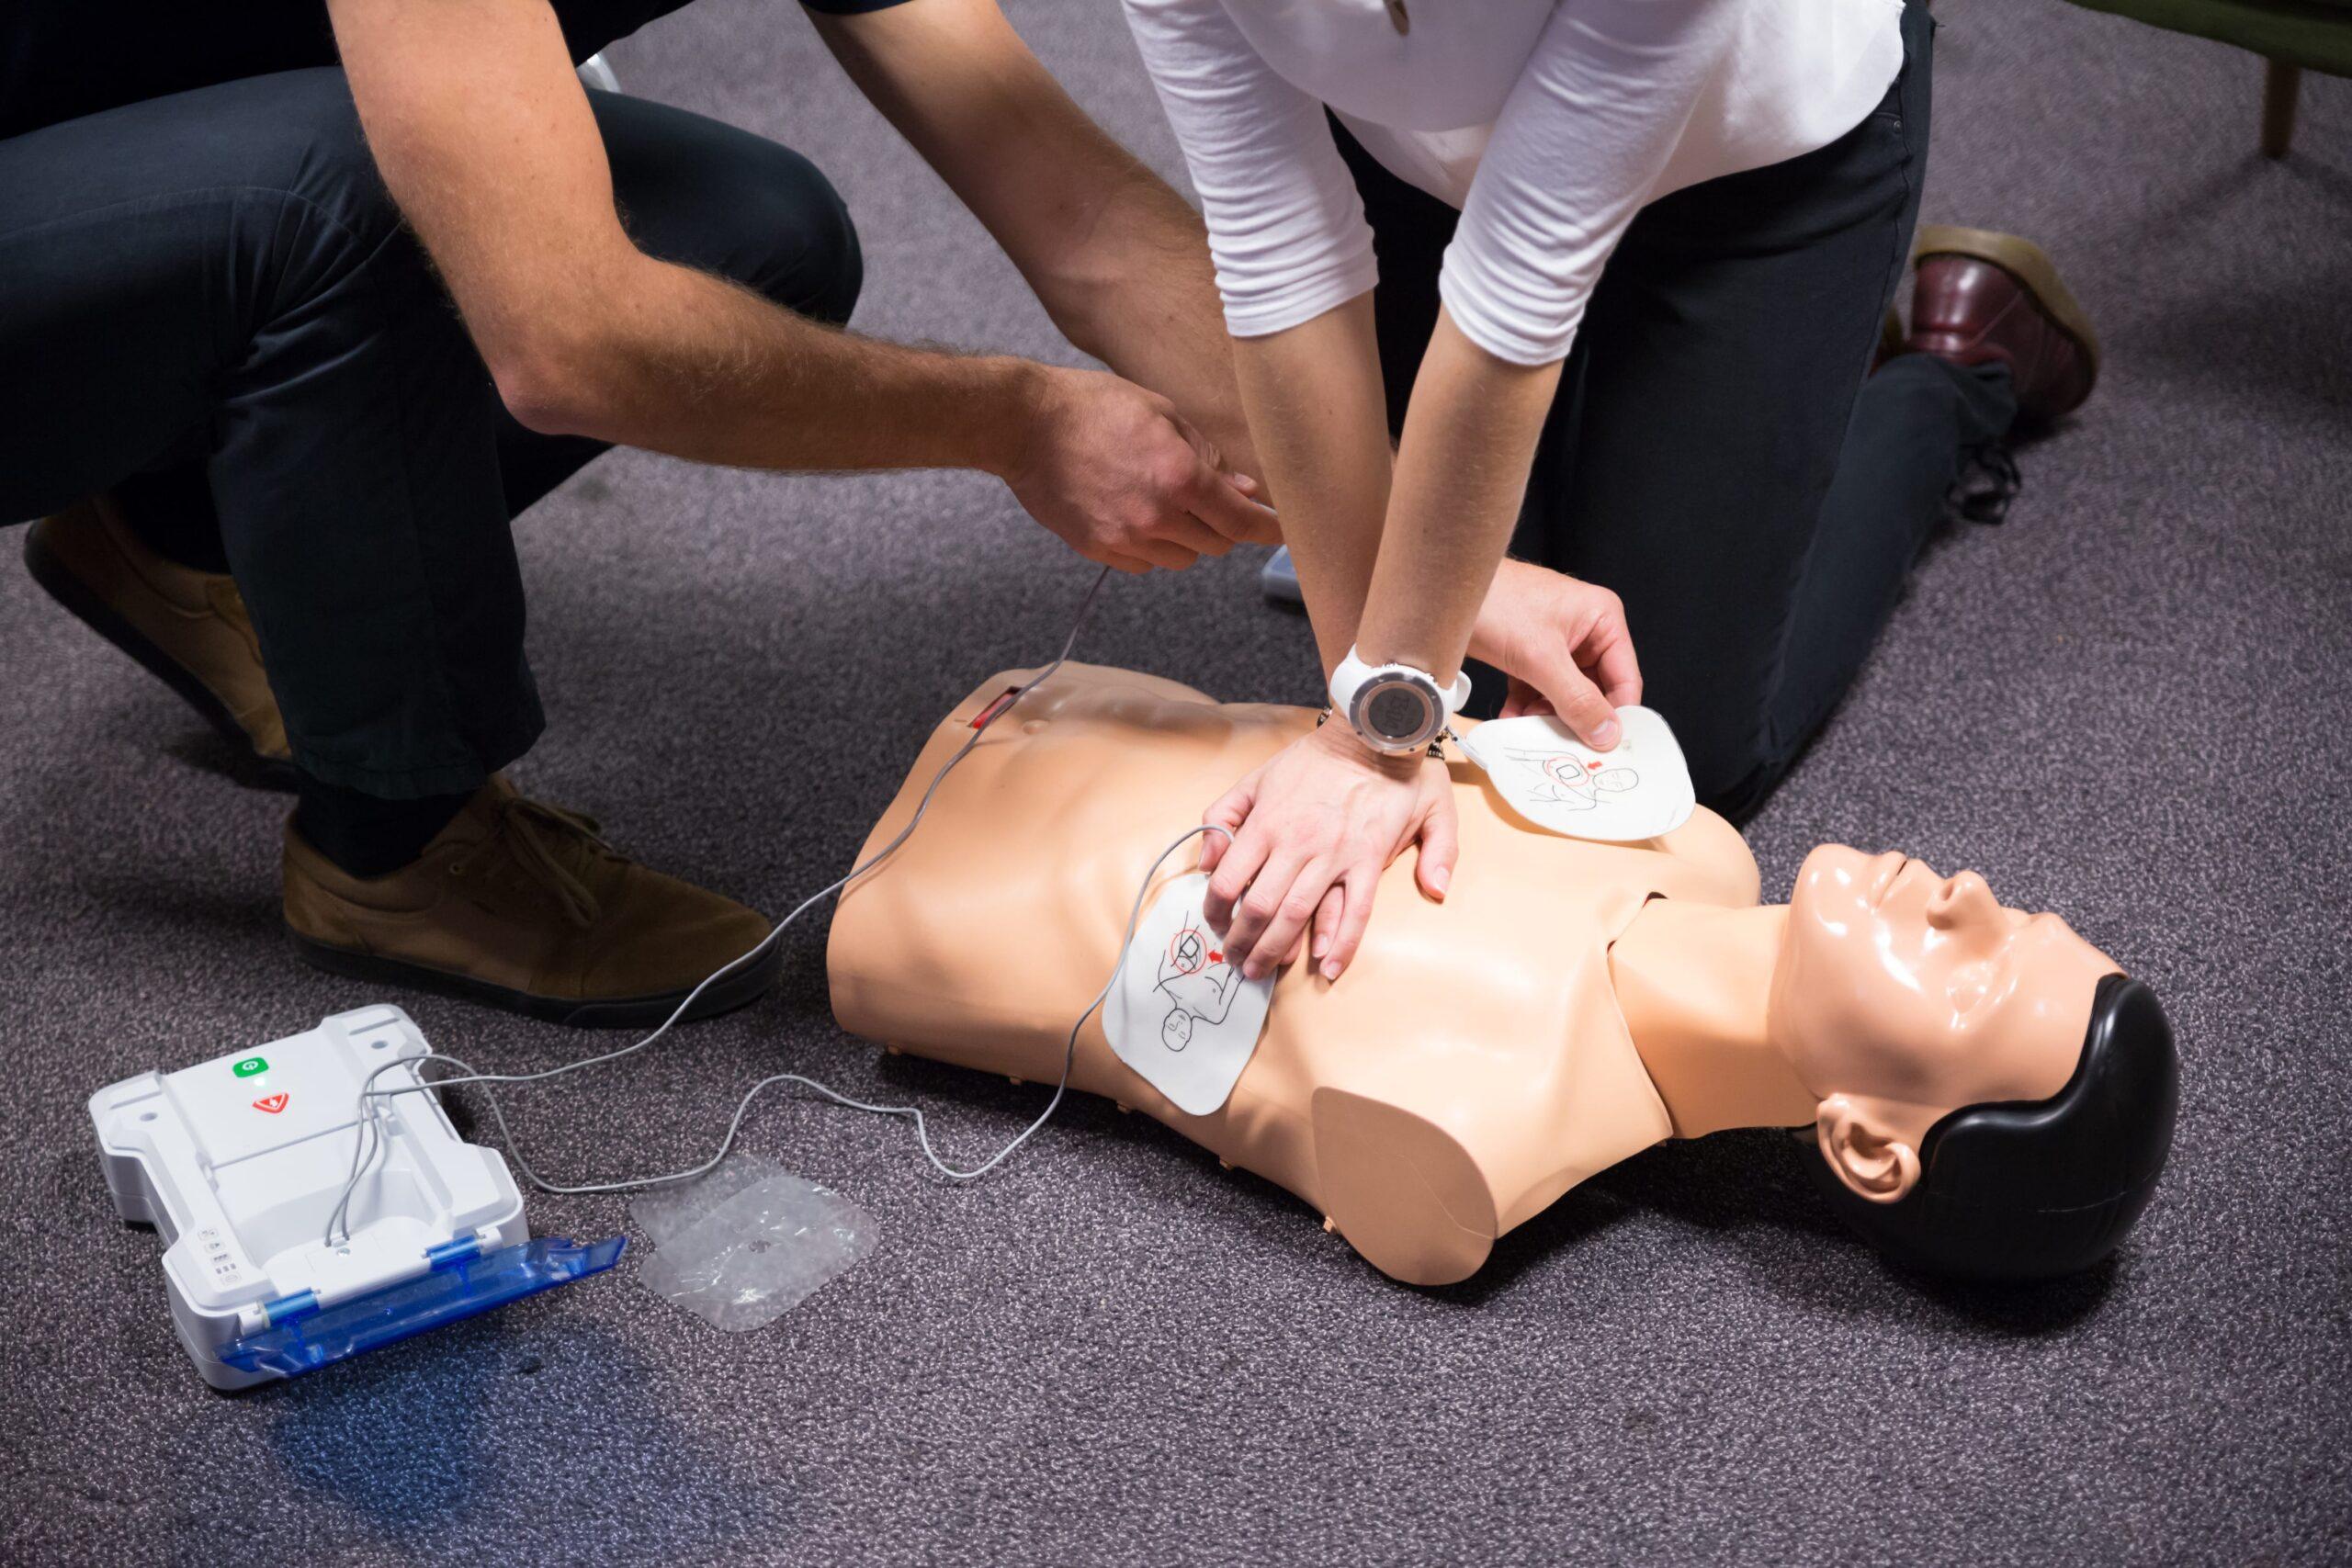 阅读有关文章的更多信息 Simulation Medical mannequins.